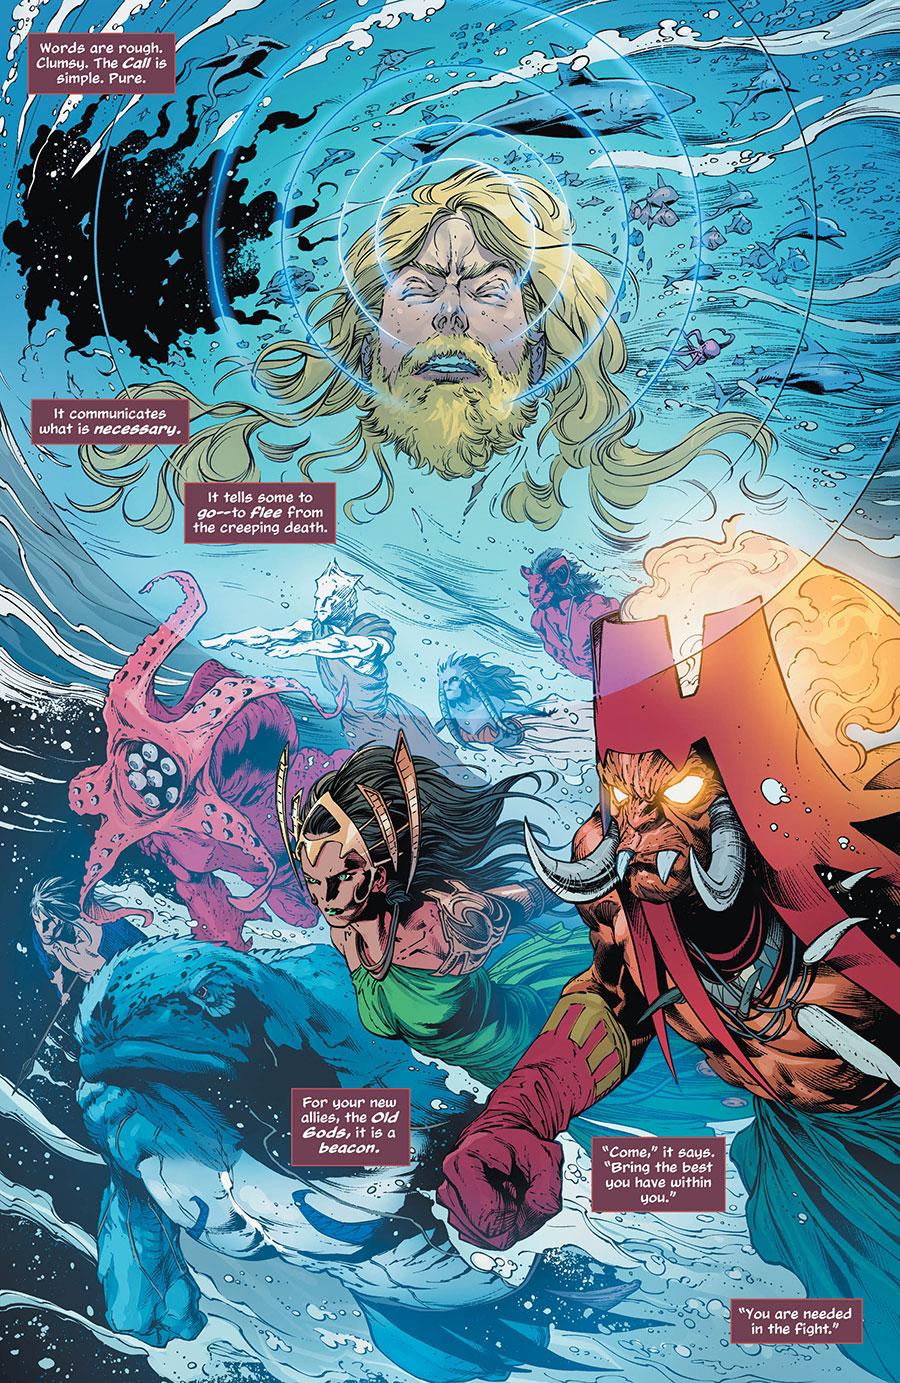 Aquaman_47_2 - DC Comics News